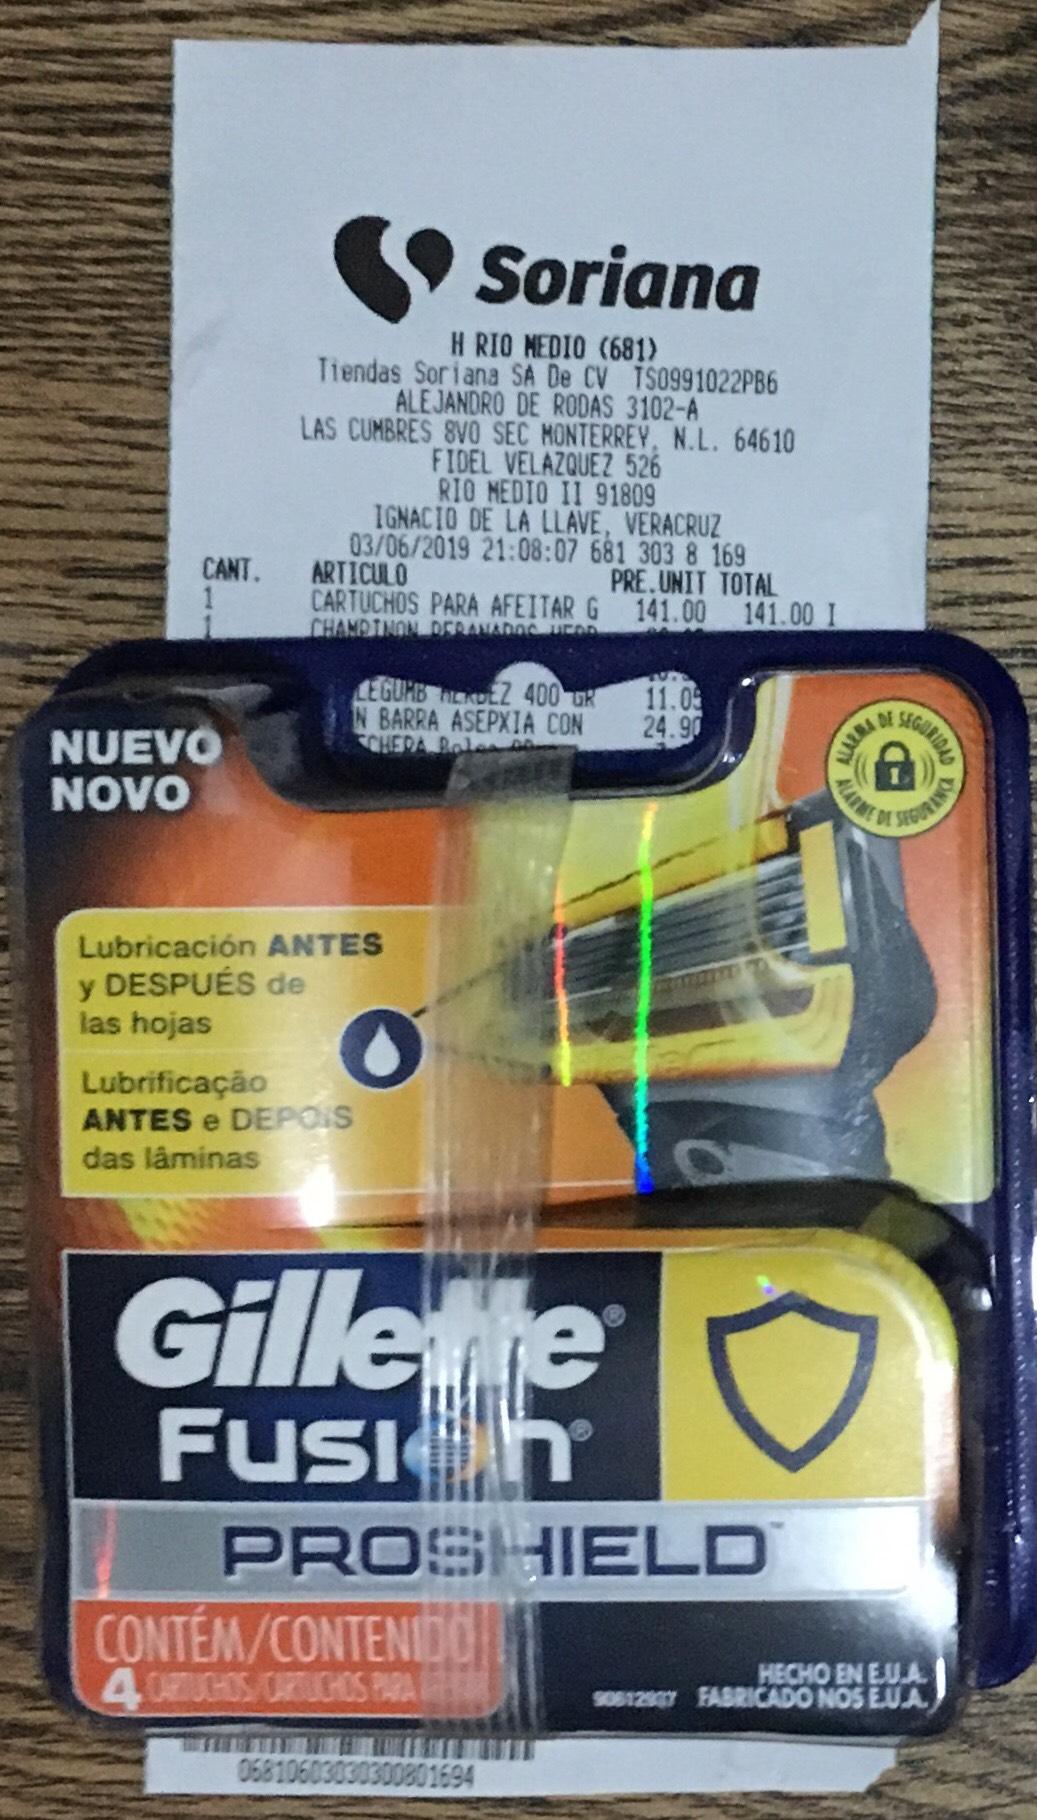 Soriana - Gillette fusion proshield 4 piezas